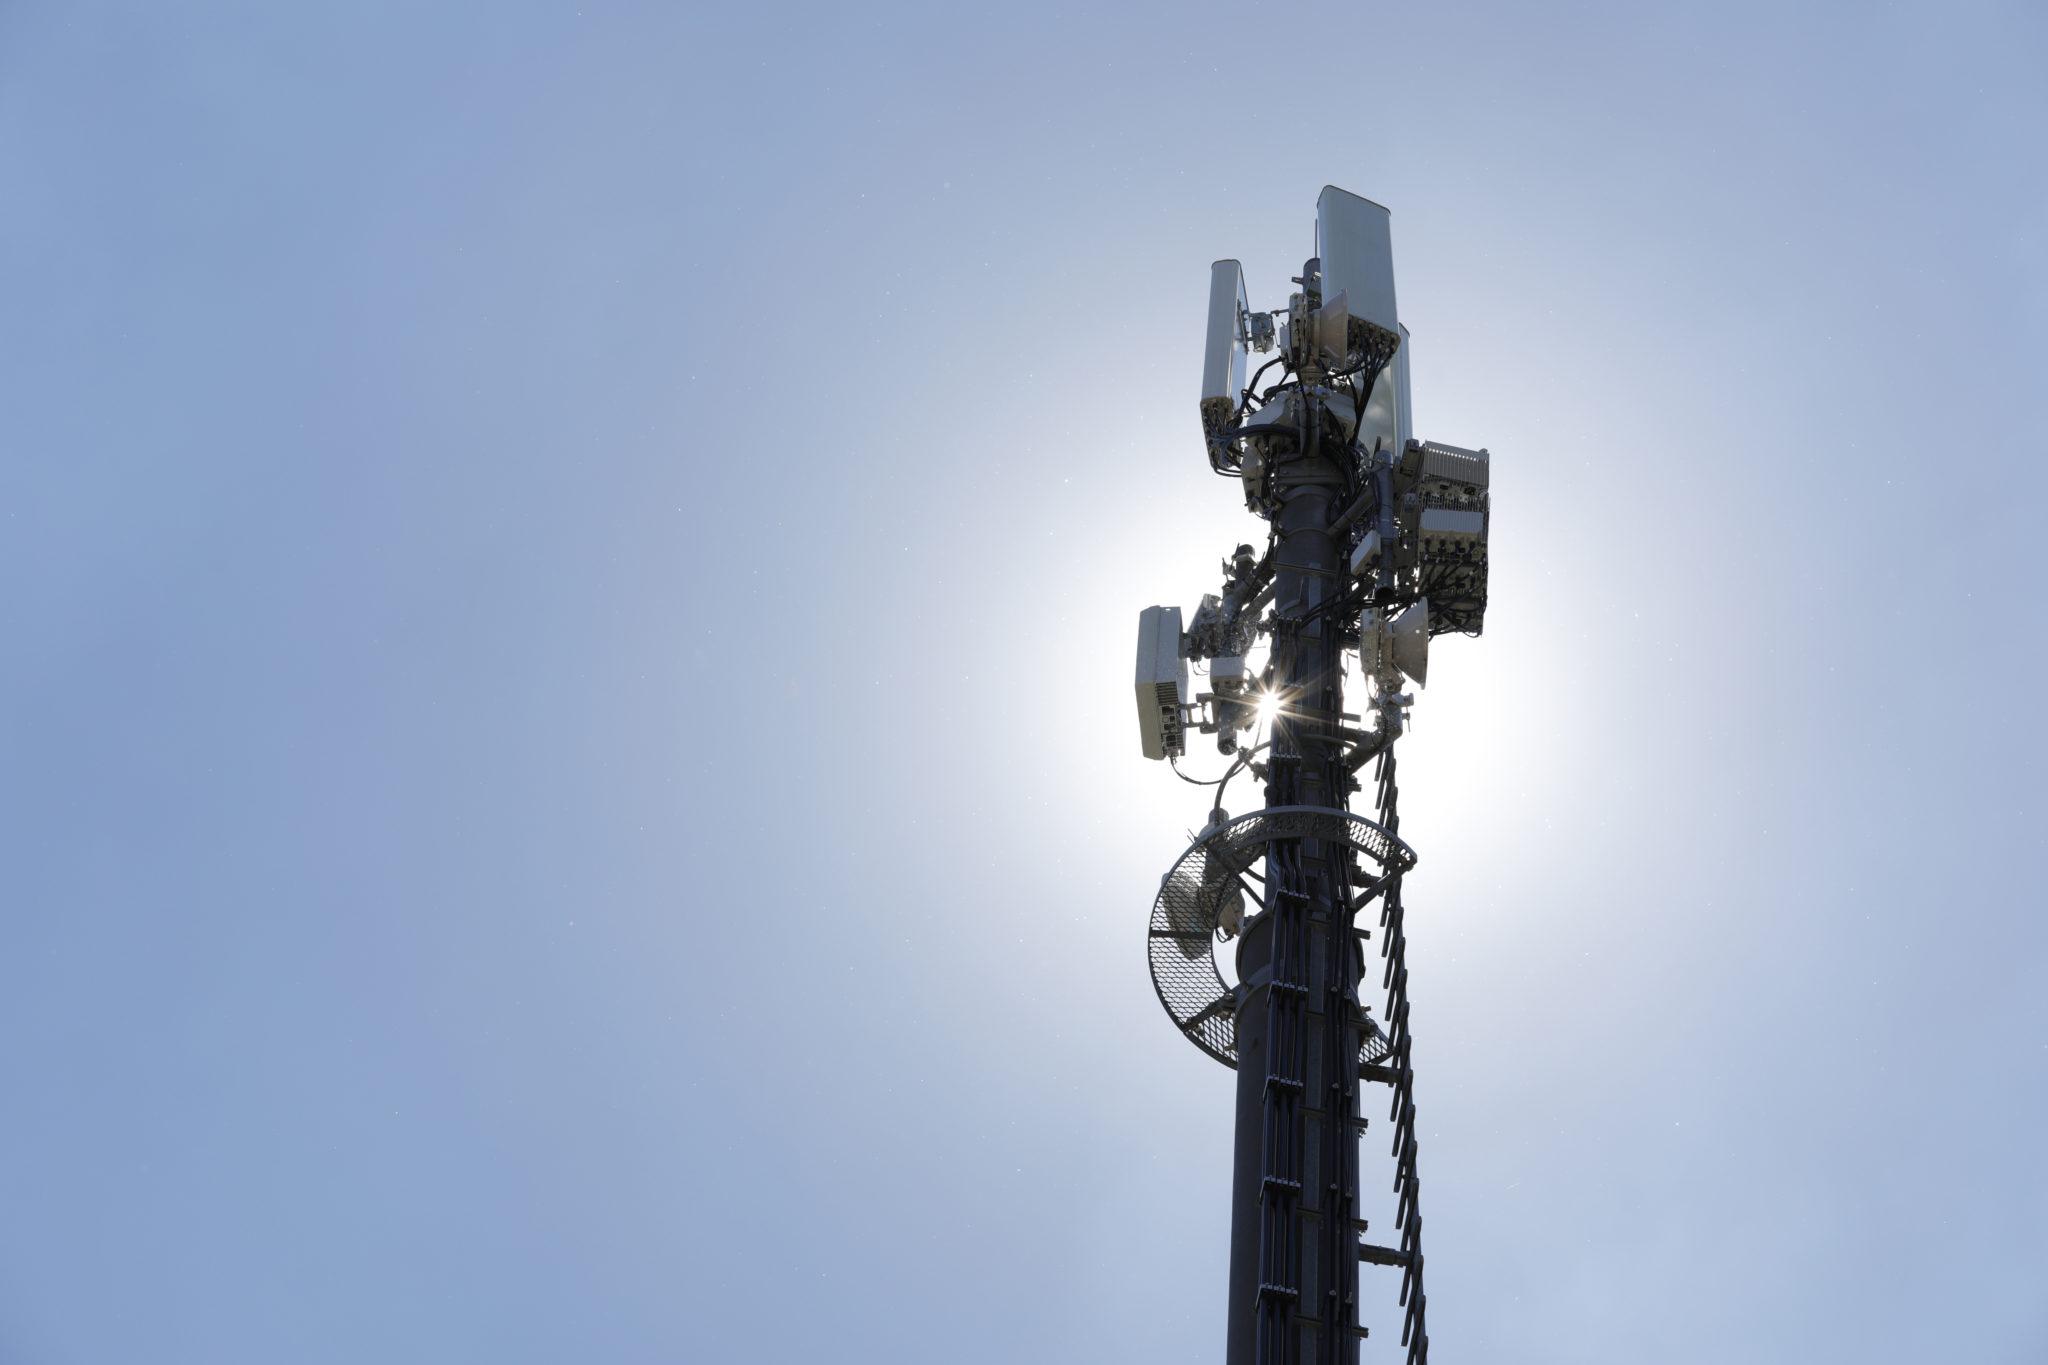 Die neuste 5G-Technologie, Kasten Mitte links, an einer Antenne der Sunrise fotografiert beim Standort Oerlikon am Tag vor dem eigentlichen Medienevent am Dienstag, 26. Juni 2018, in Zuerich. (PPR/Aladin Klieber)